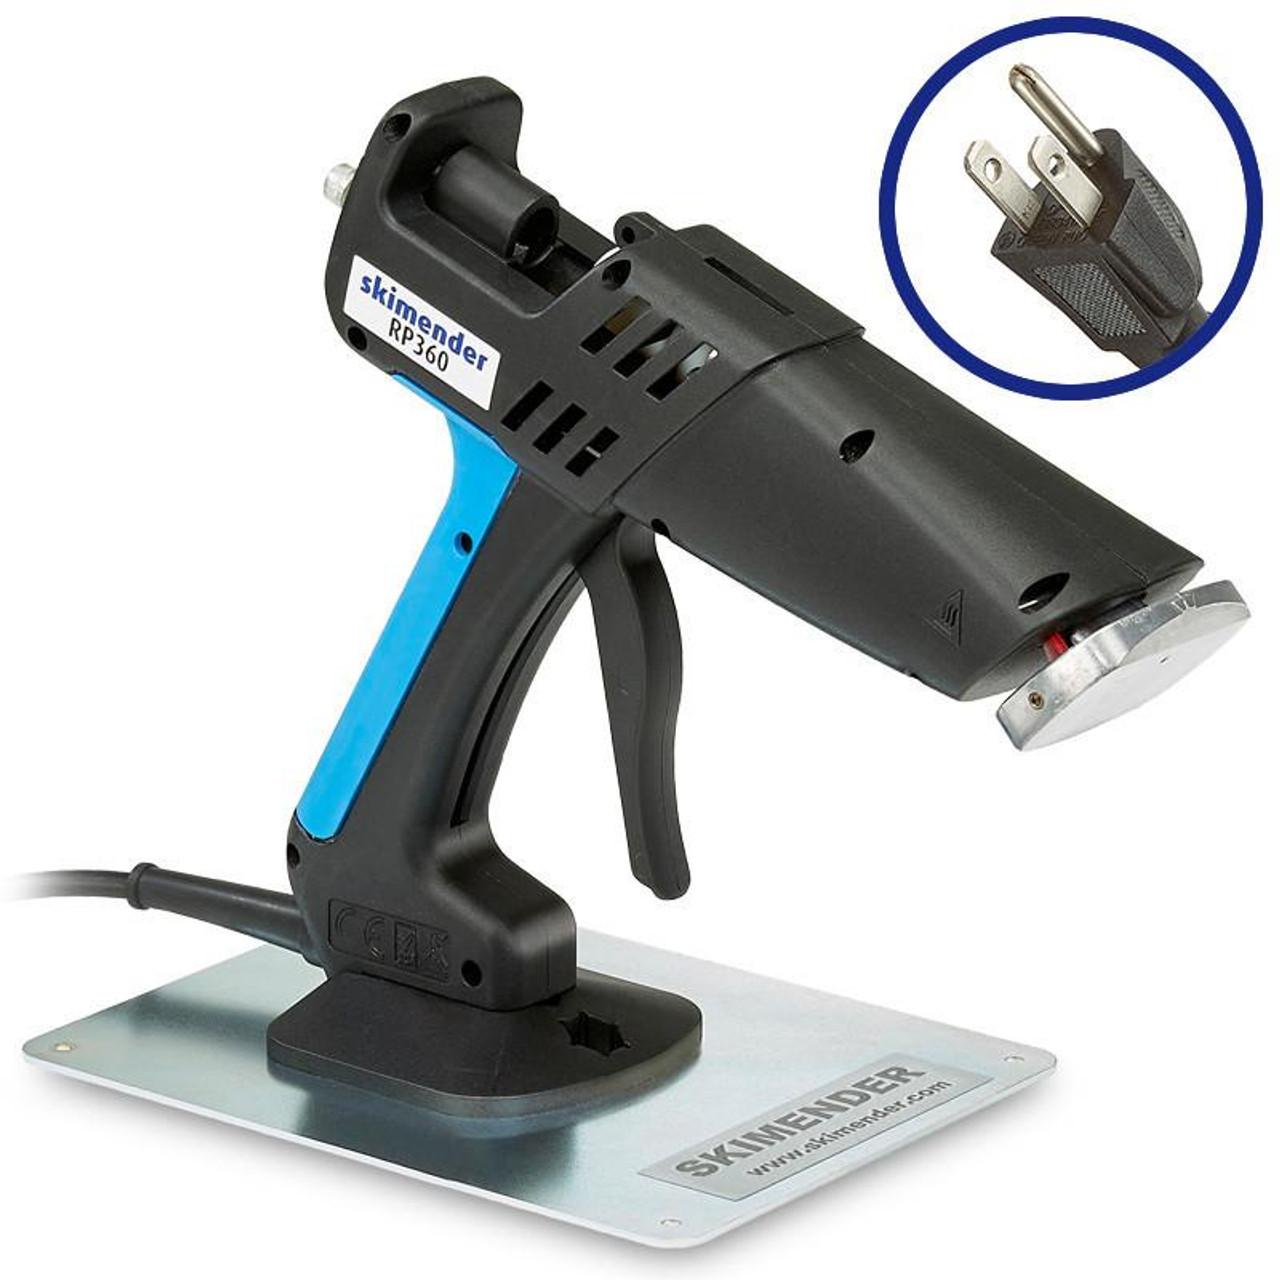 Skimender RP360 Ski and Snowboard Repair Pistol